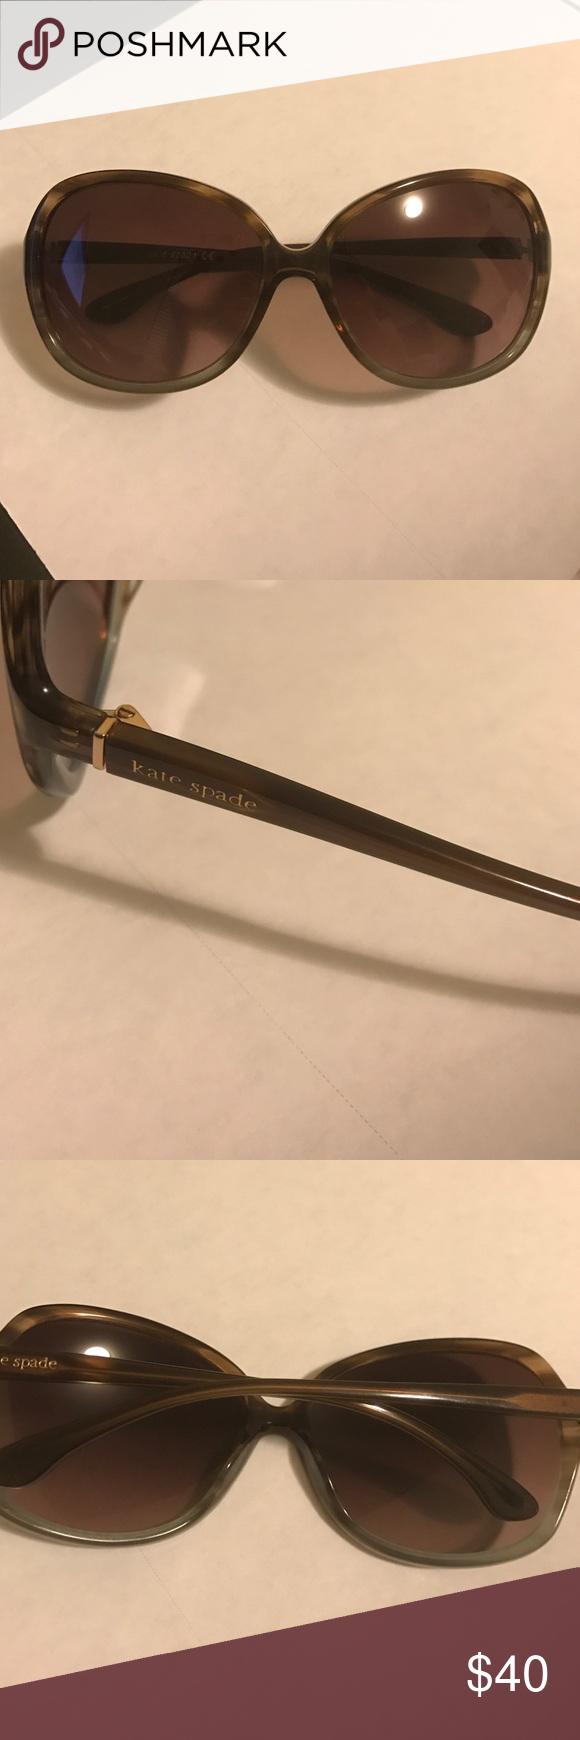 Kate spade sunglasses Gabis design ... super cute kate spade Accessories Sunglasses